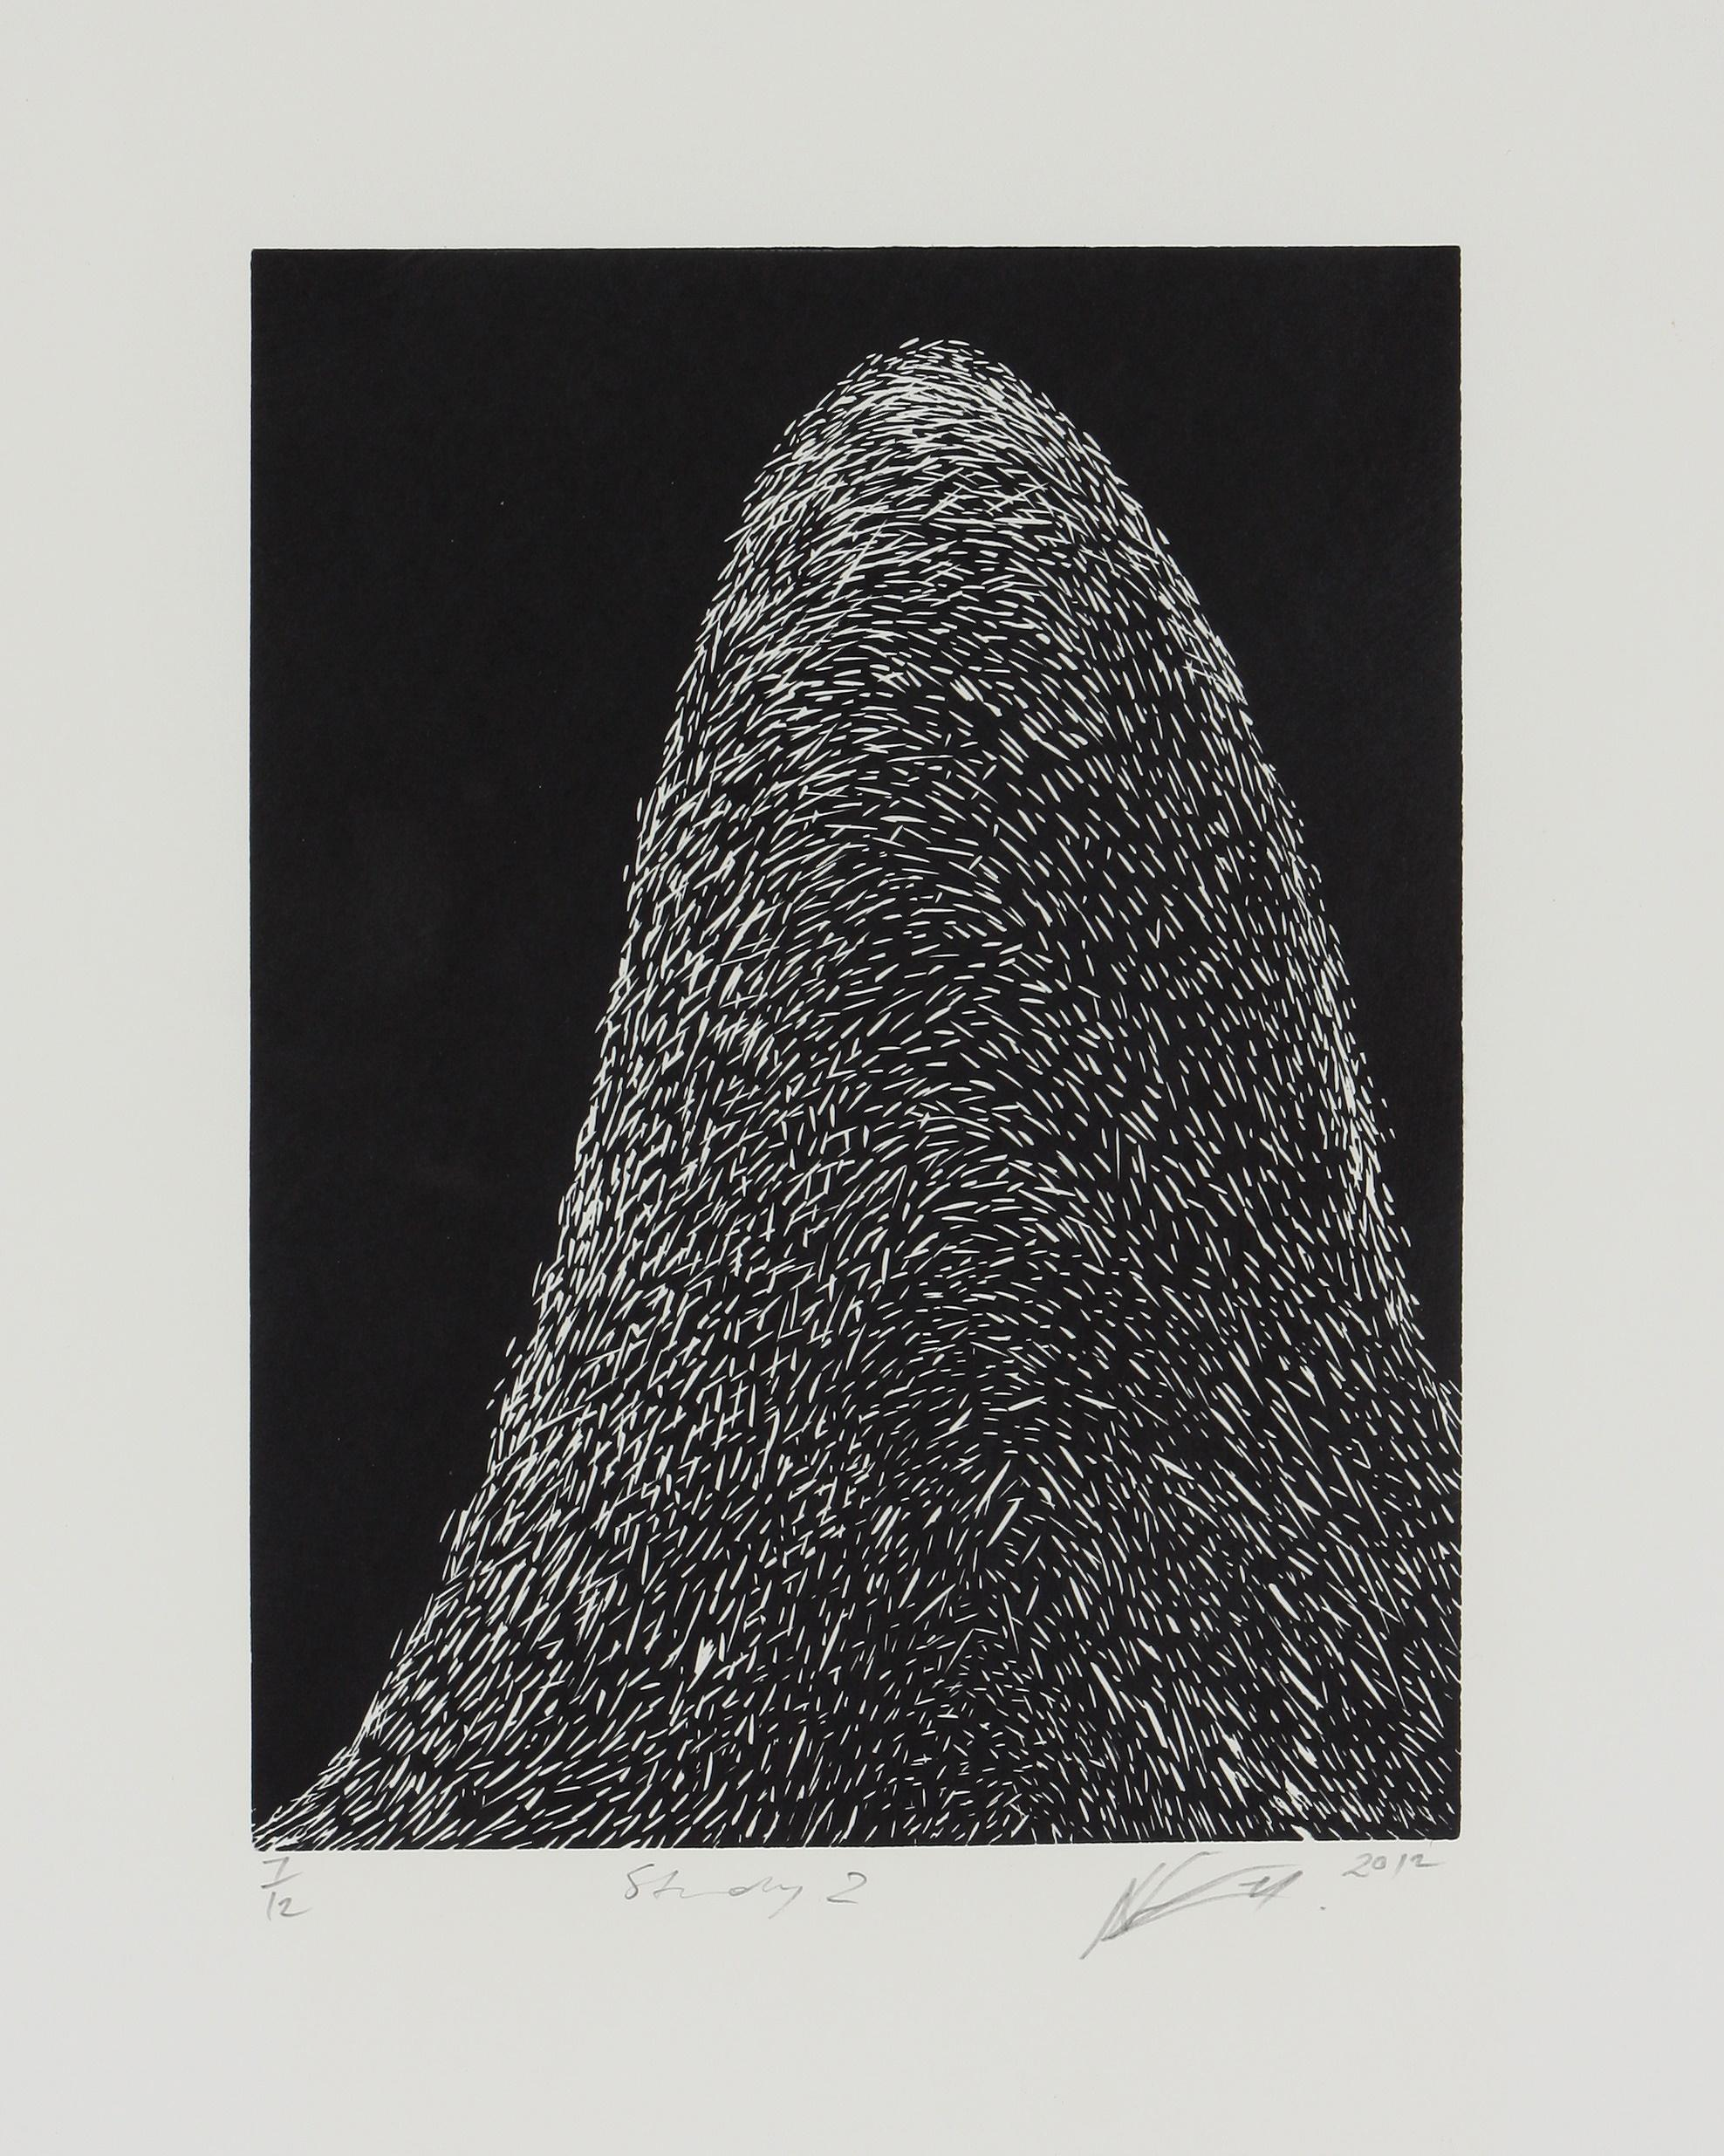 Nandipha Mntambo (Swaziland 1982-) Study 2, 2012